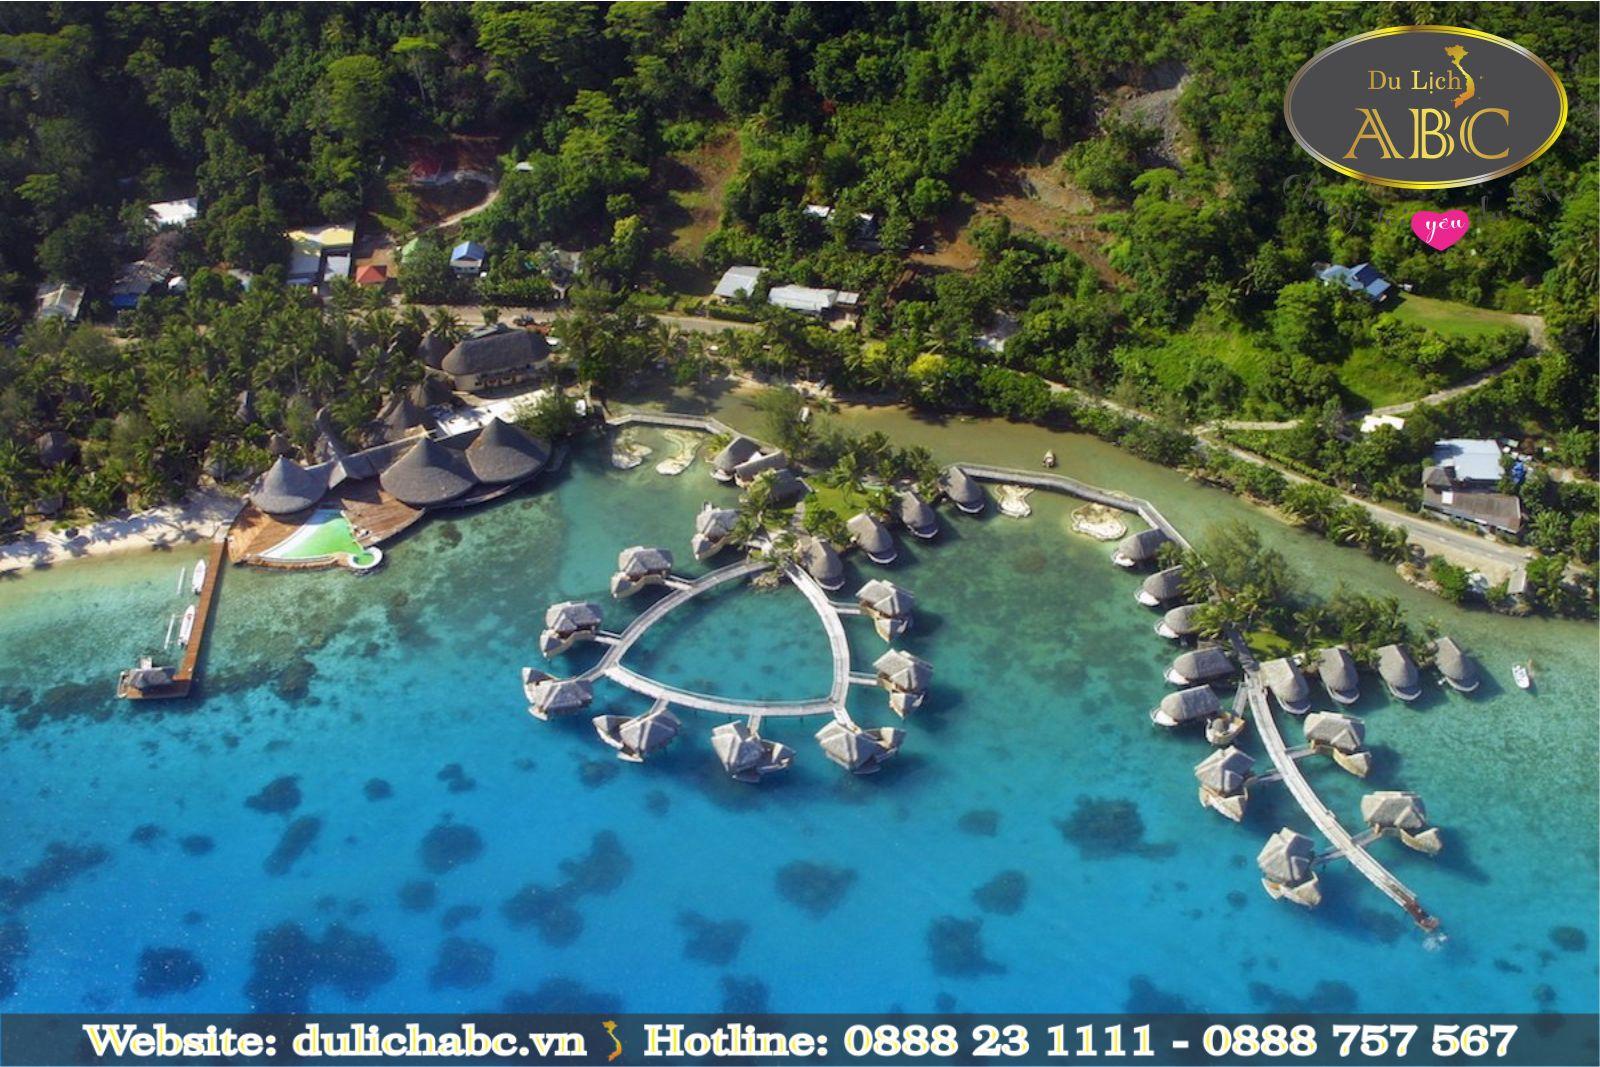 2 Bãi biển Việt Nam Lọt vào Nhóm 25 Bãi Biển Đẹp Nhất Châu Á 2020